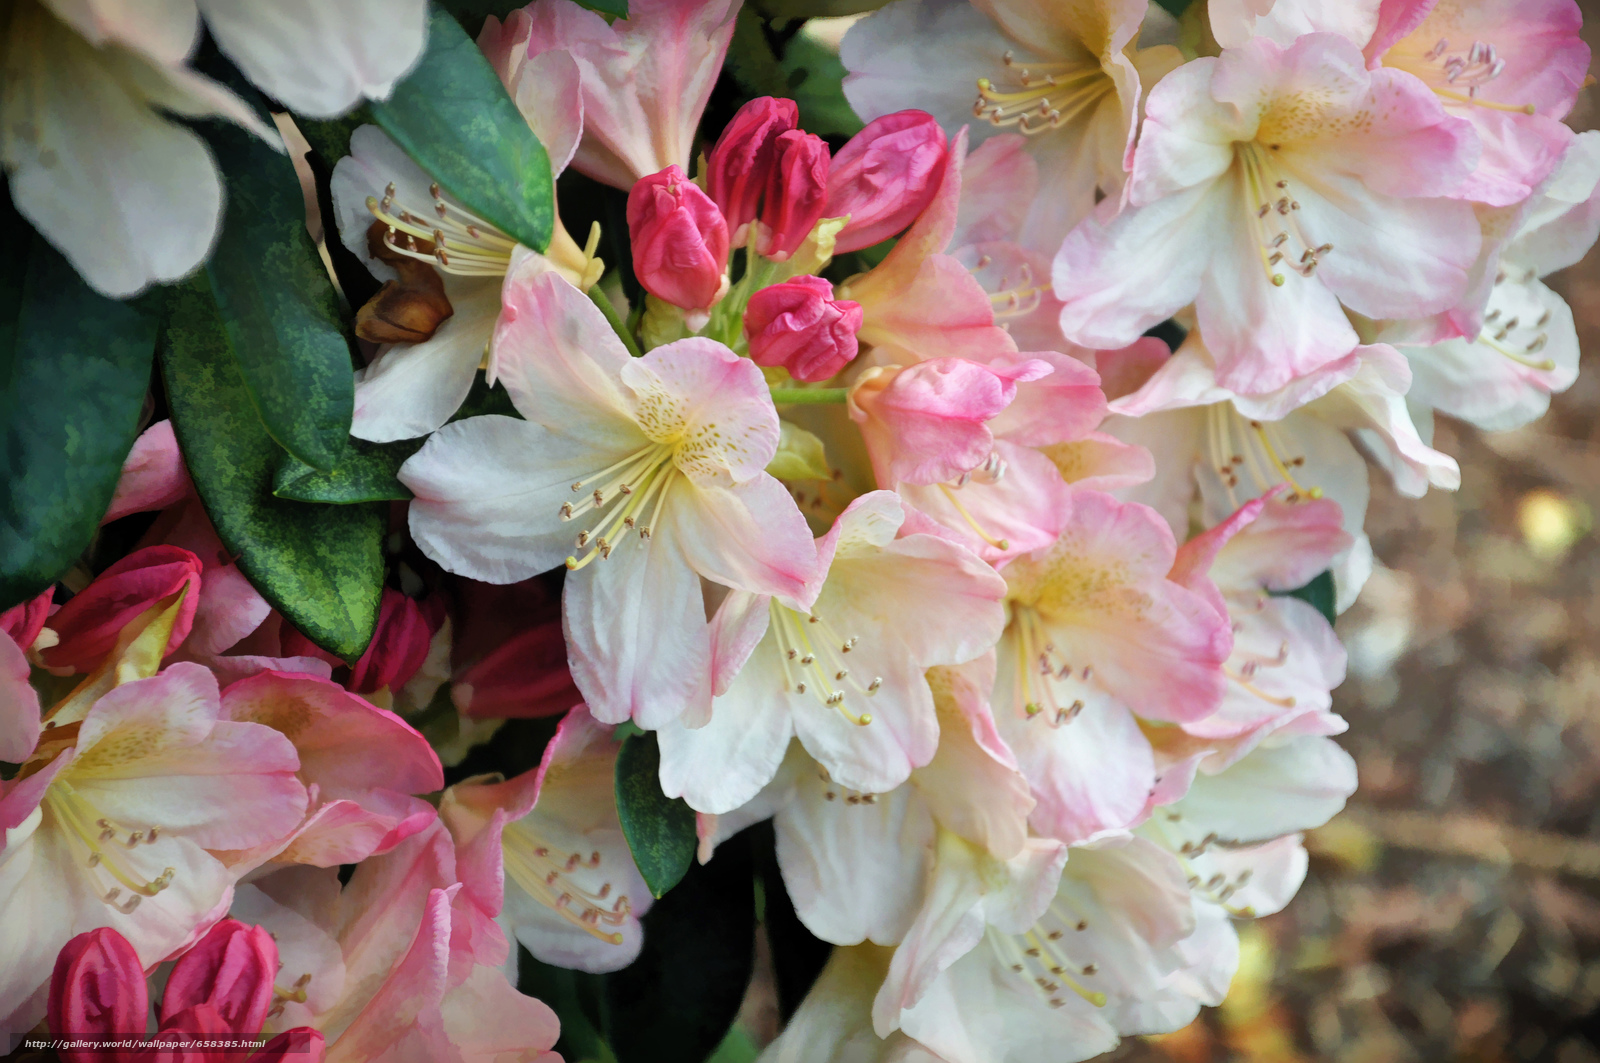 壁紙をダウンロード 花,  フラワーズ,  フローラ,  桜 デスクトップの解像度のための無料壁紙 4288x2848 — 絵 №658385